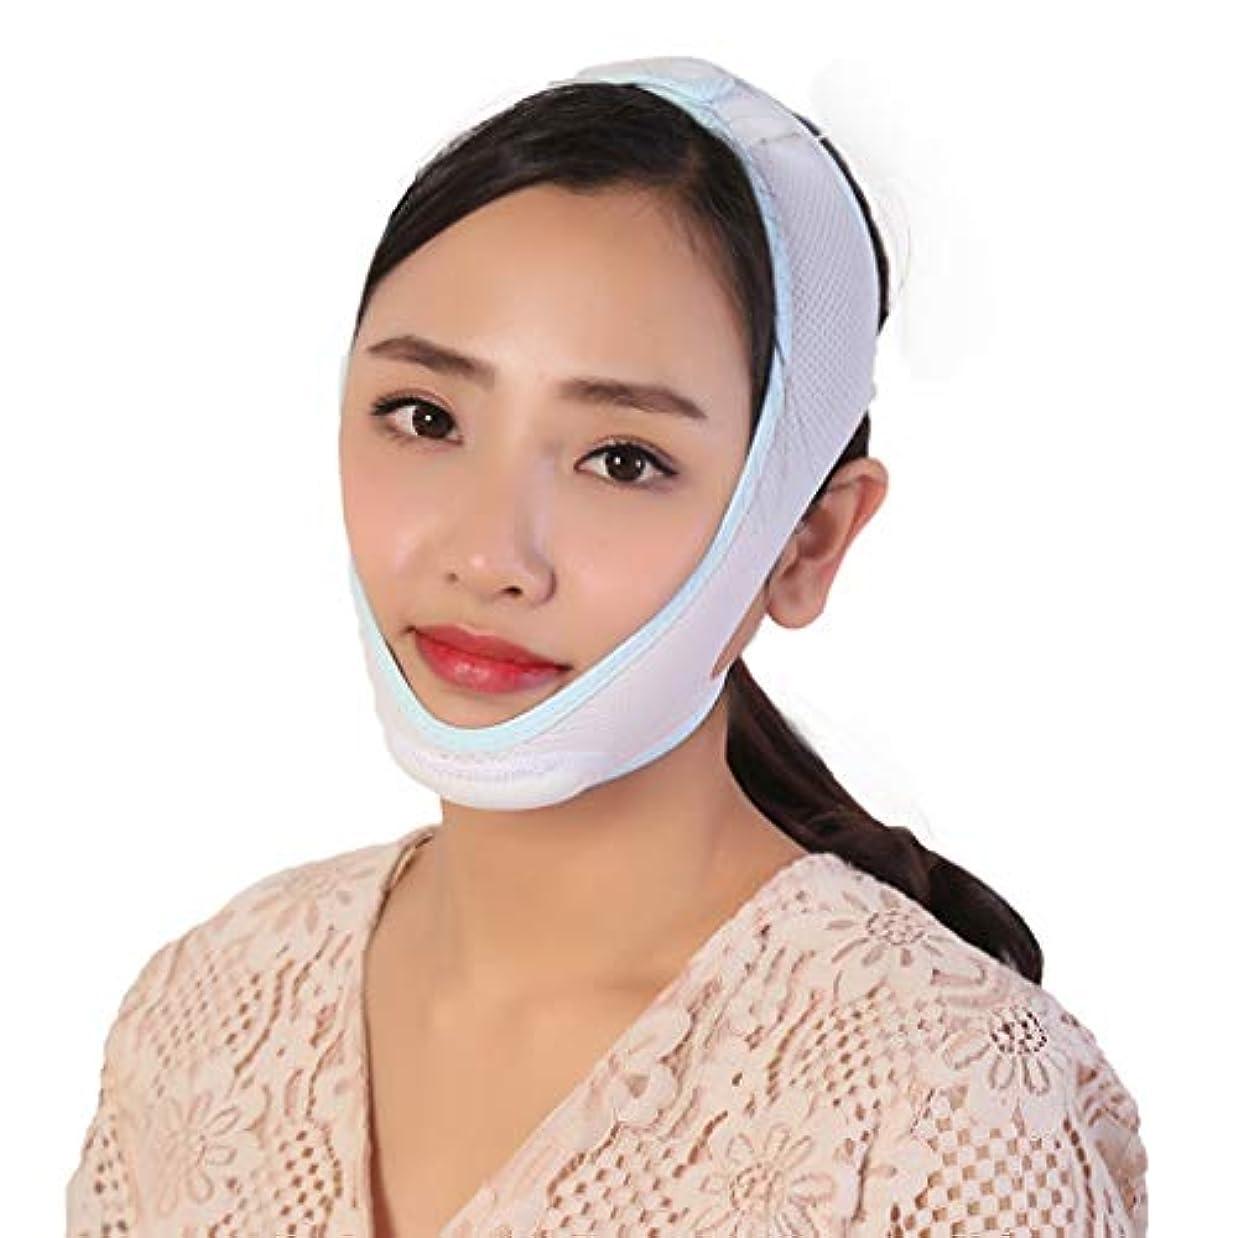 納得させる恐ろしい吐く顔の顔を持ち上げる顔のマスクを改善するために快適な顔面曲線包括的通気性包帯